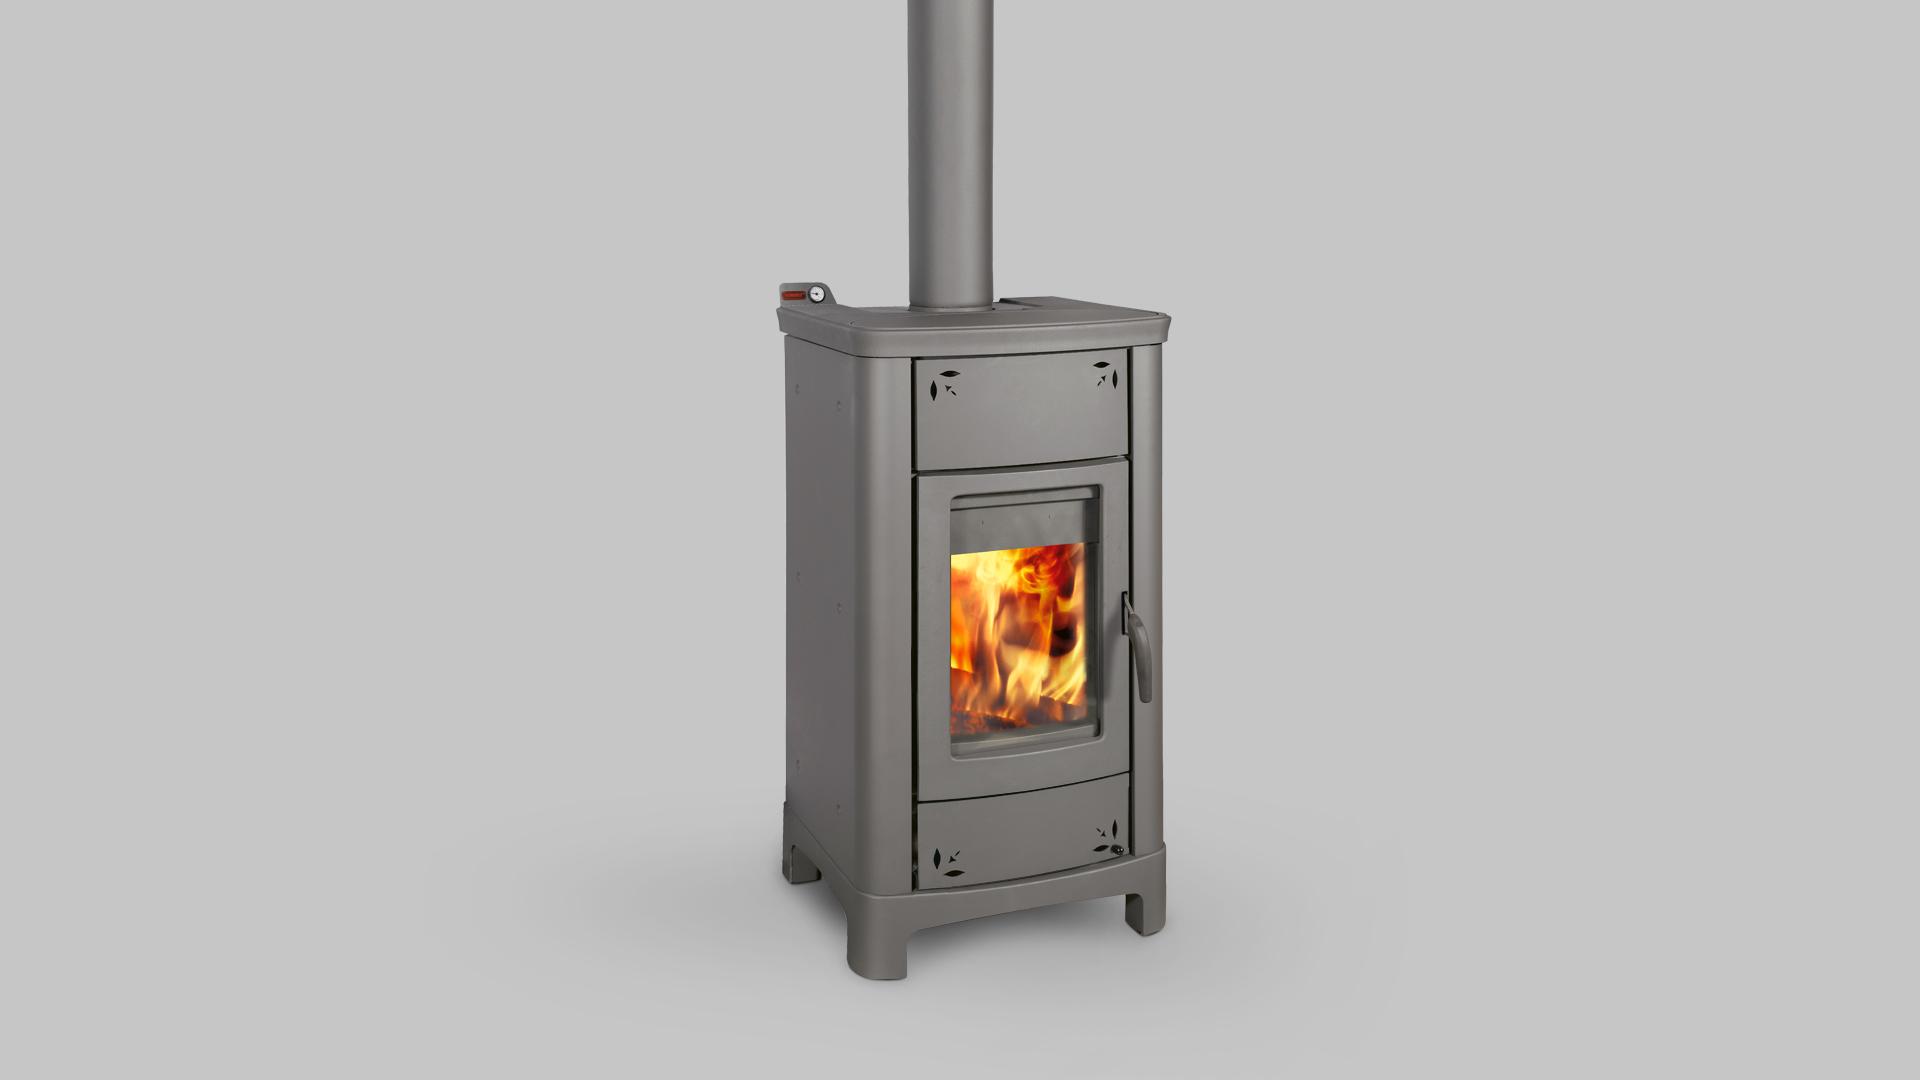 Termostufa a legna thermorossi modello ardhea easy 30 7 kw occasione scontata ebay - Termostufa a legna thermorossi ...